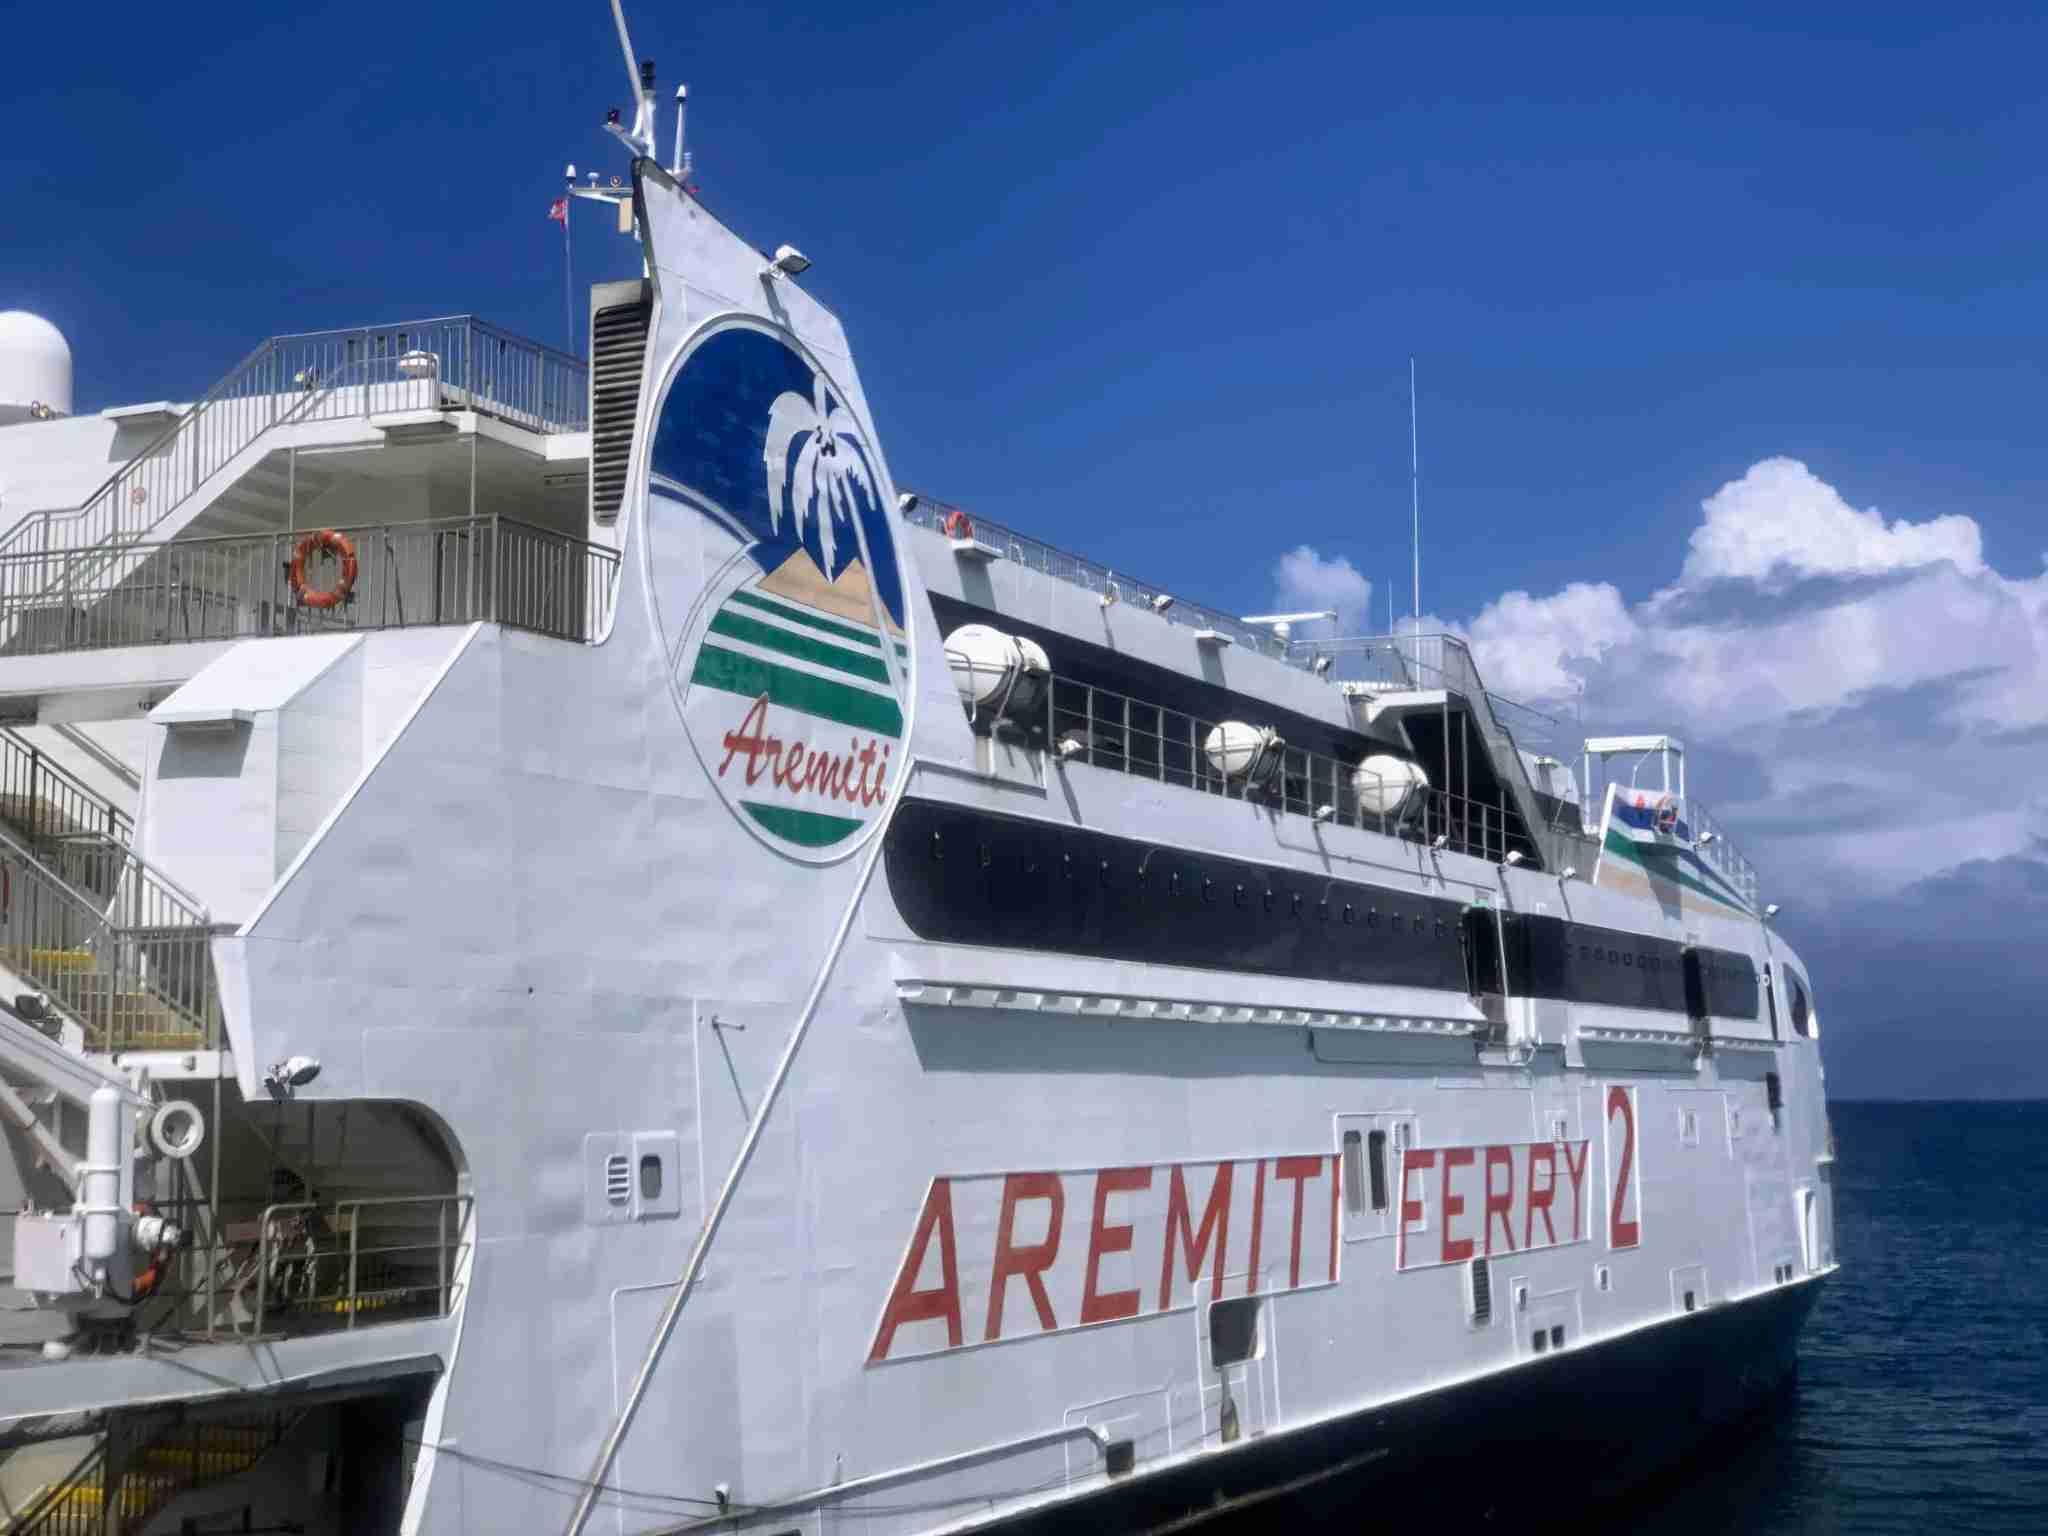 Aremiti 2 ferry